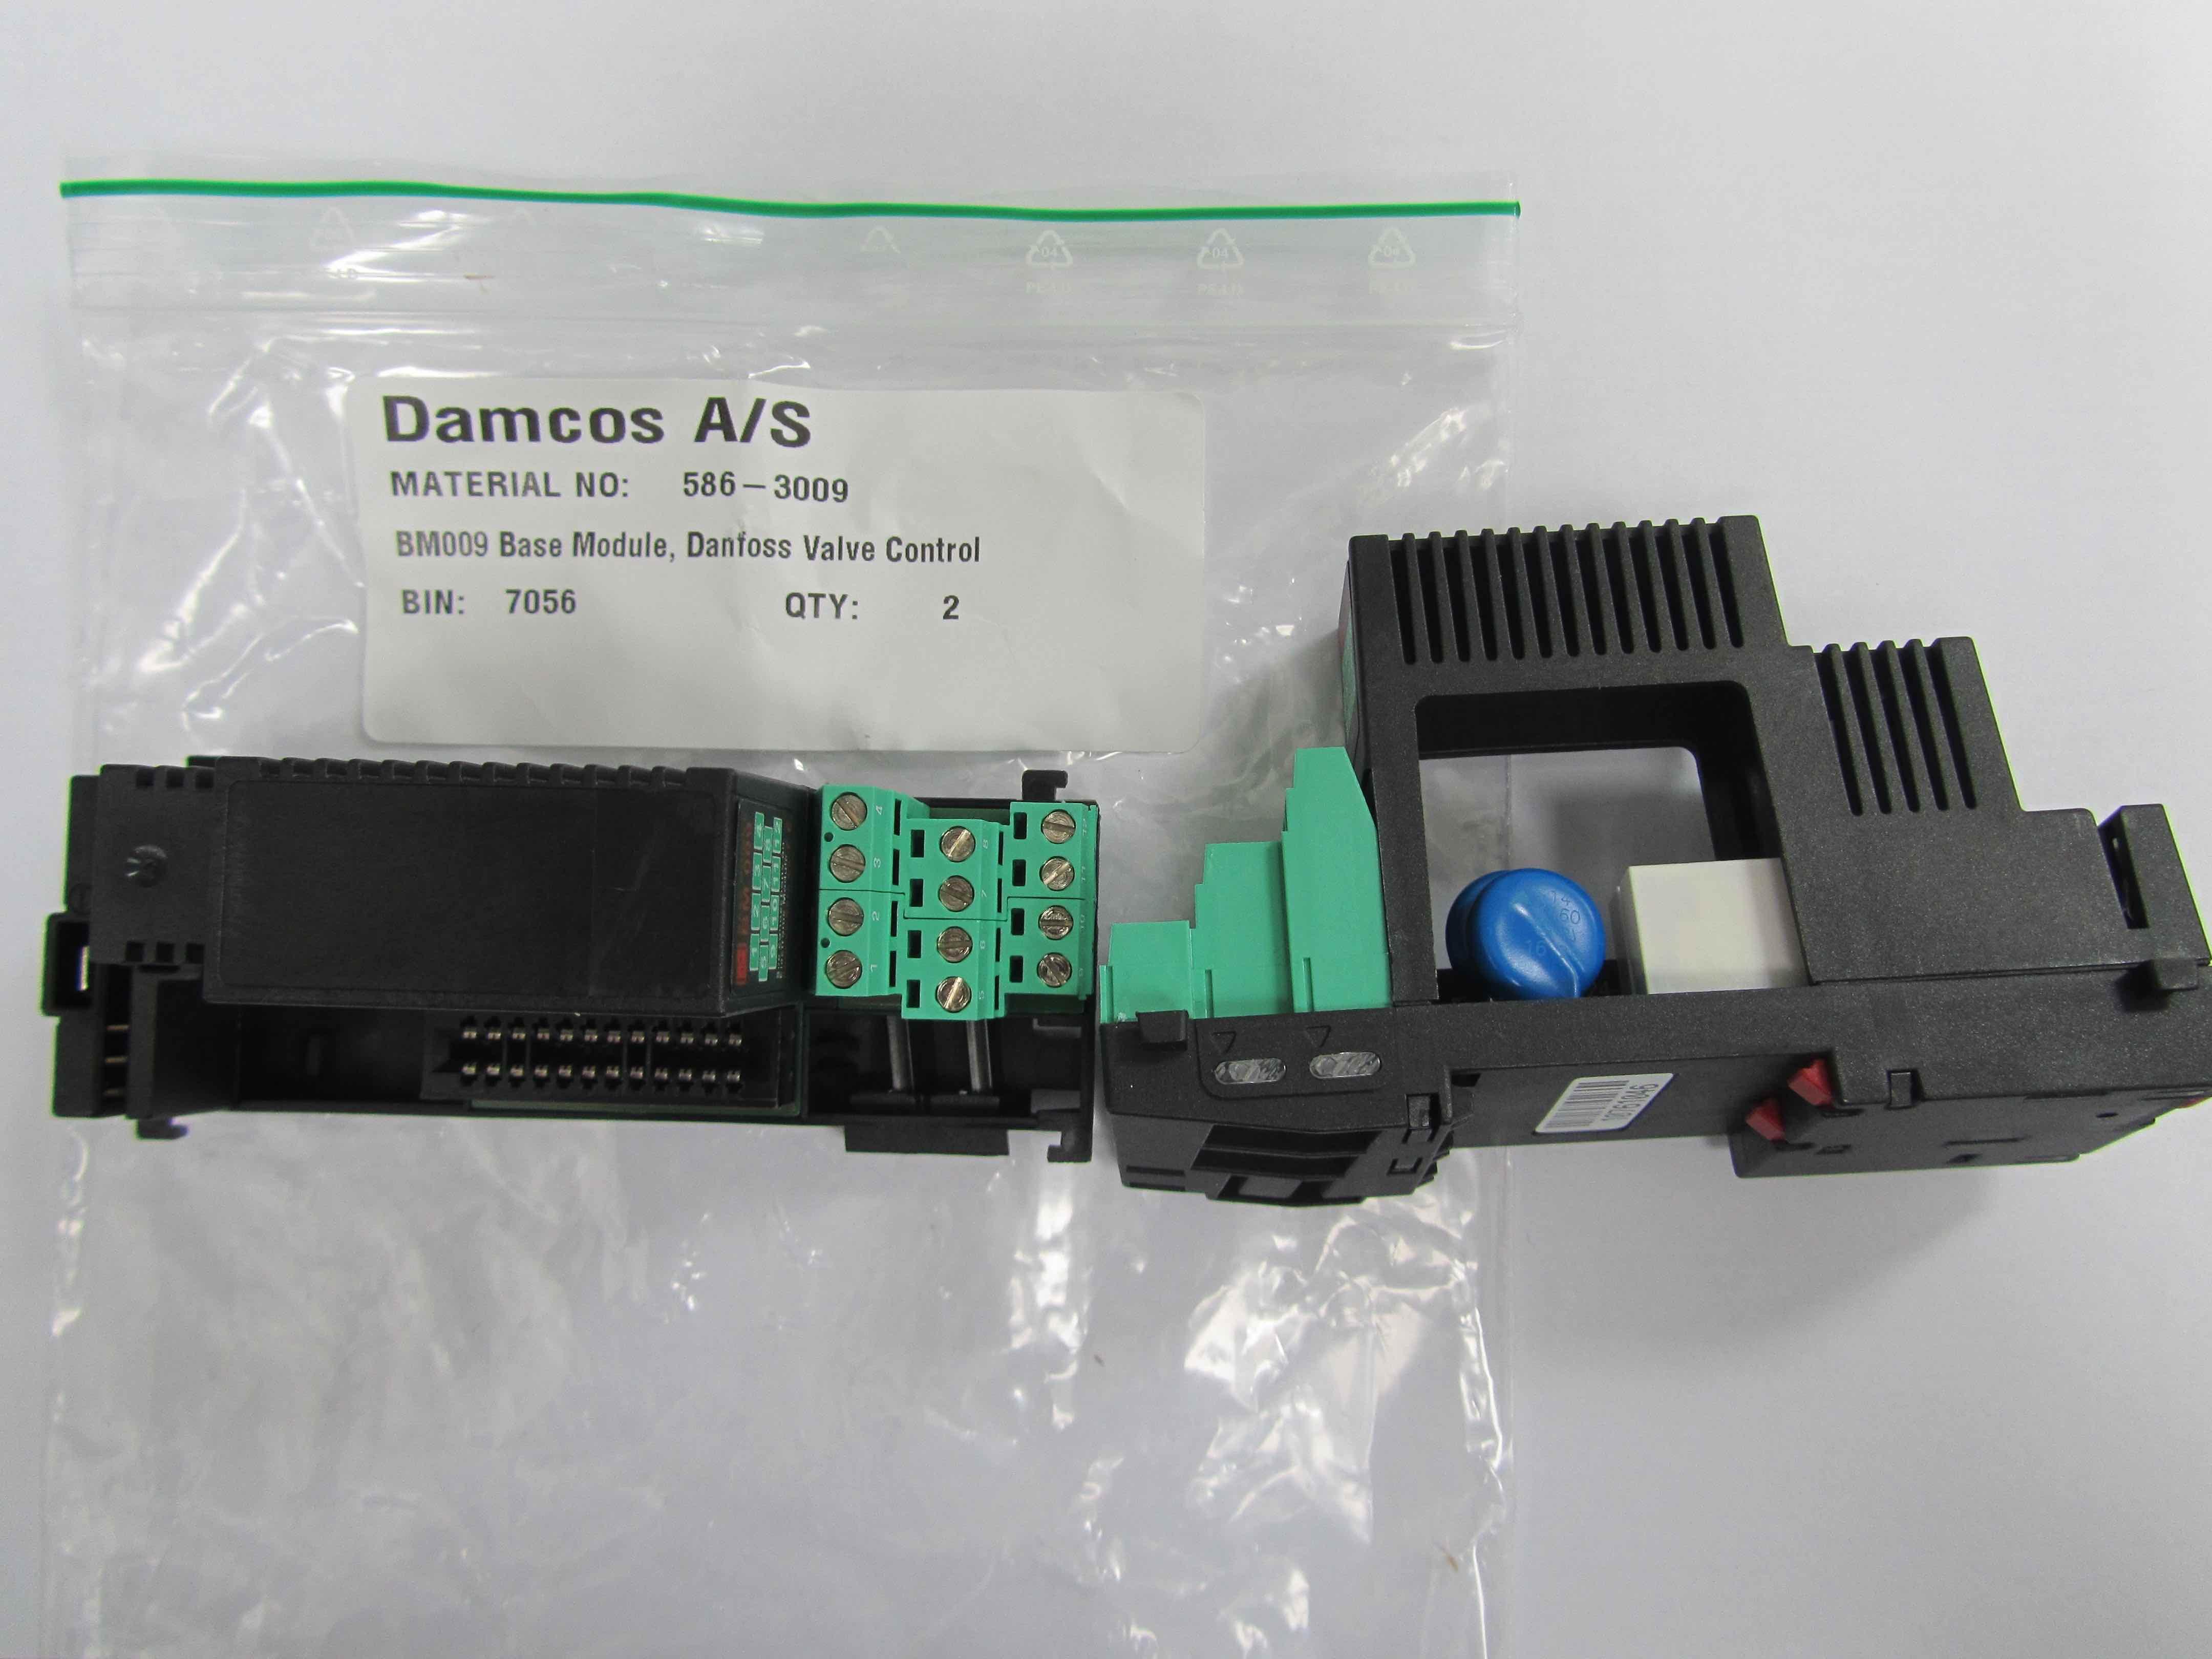 586-3009 BM009 Base module